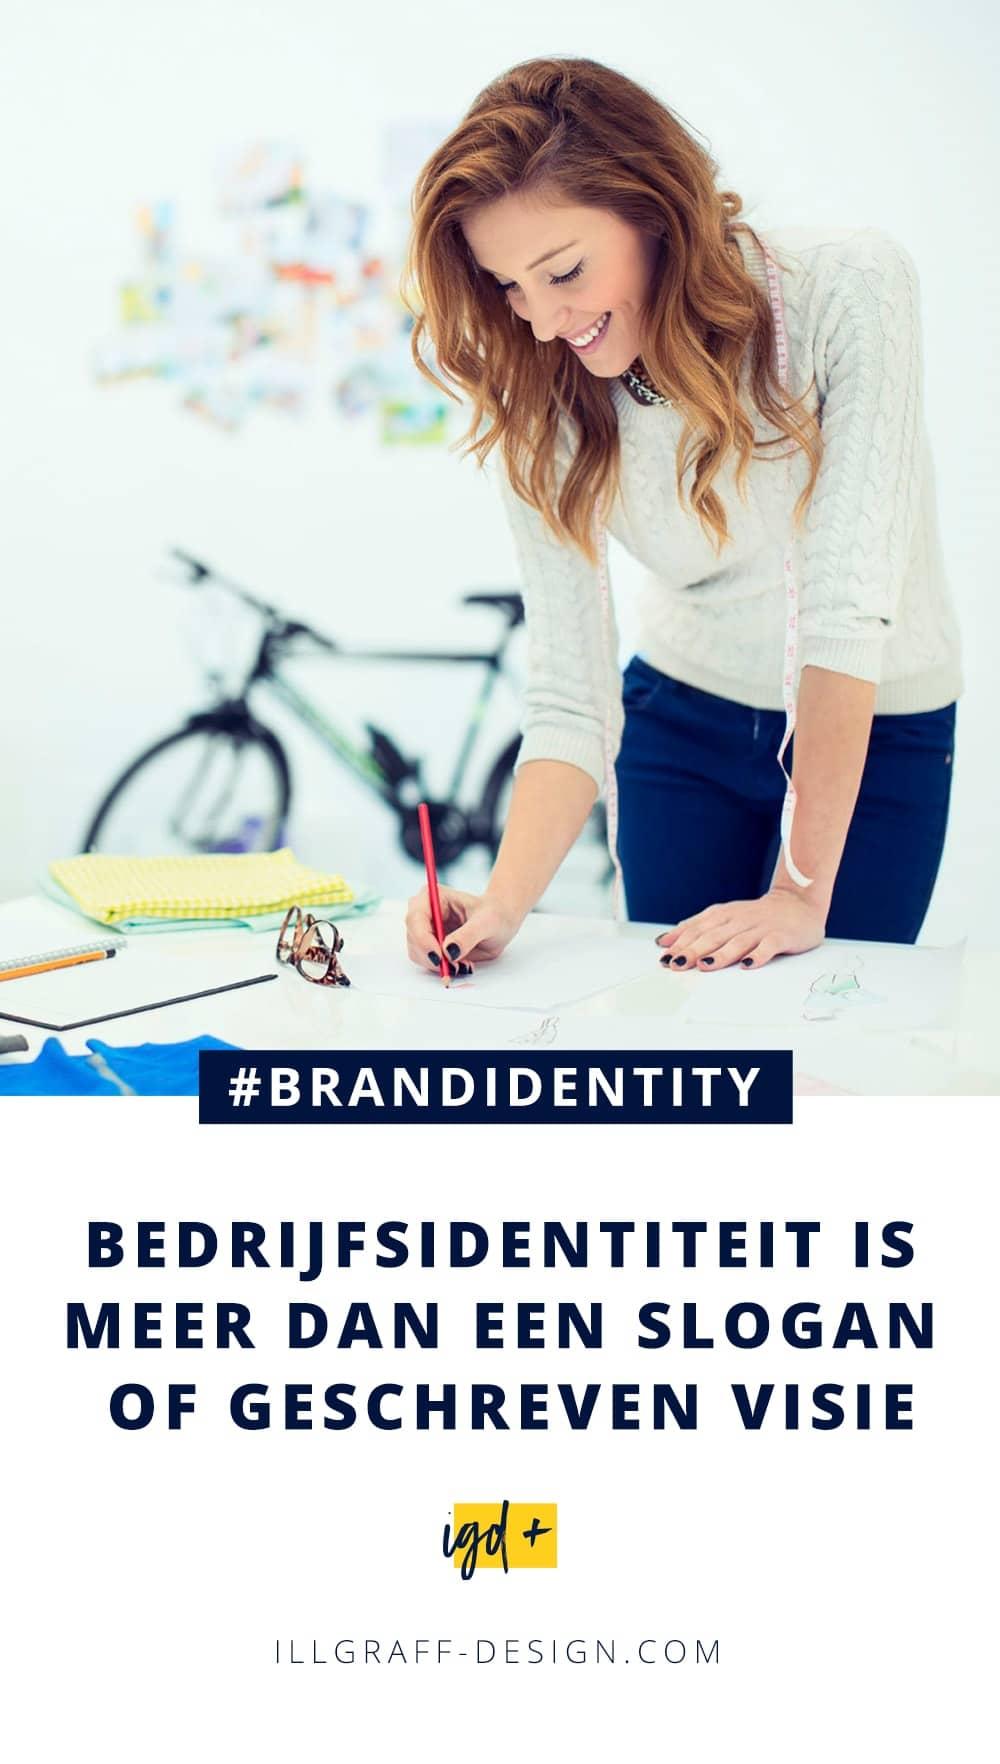 Bedrijfsidentiteit is meer dan een slogan of geschreven visie